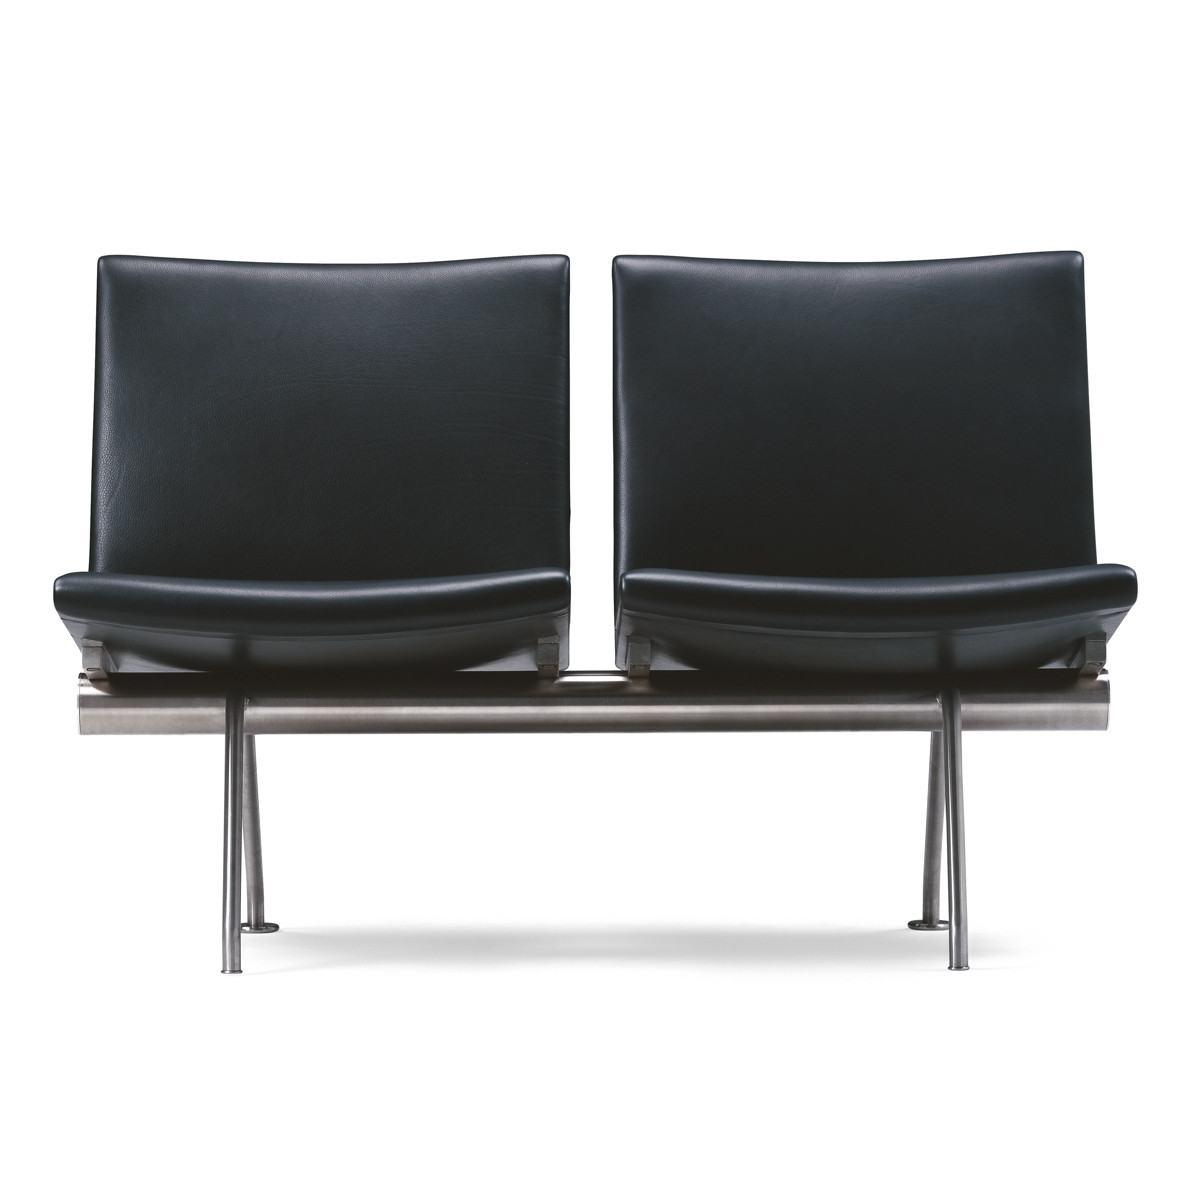 Carl Hansen CH40 Chairs